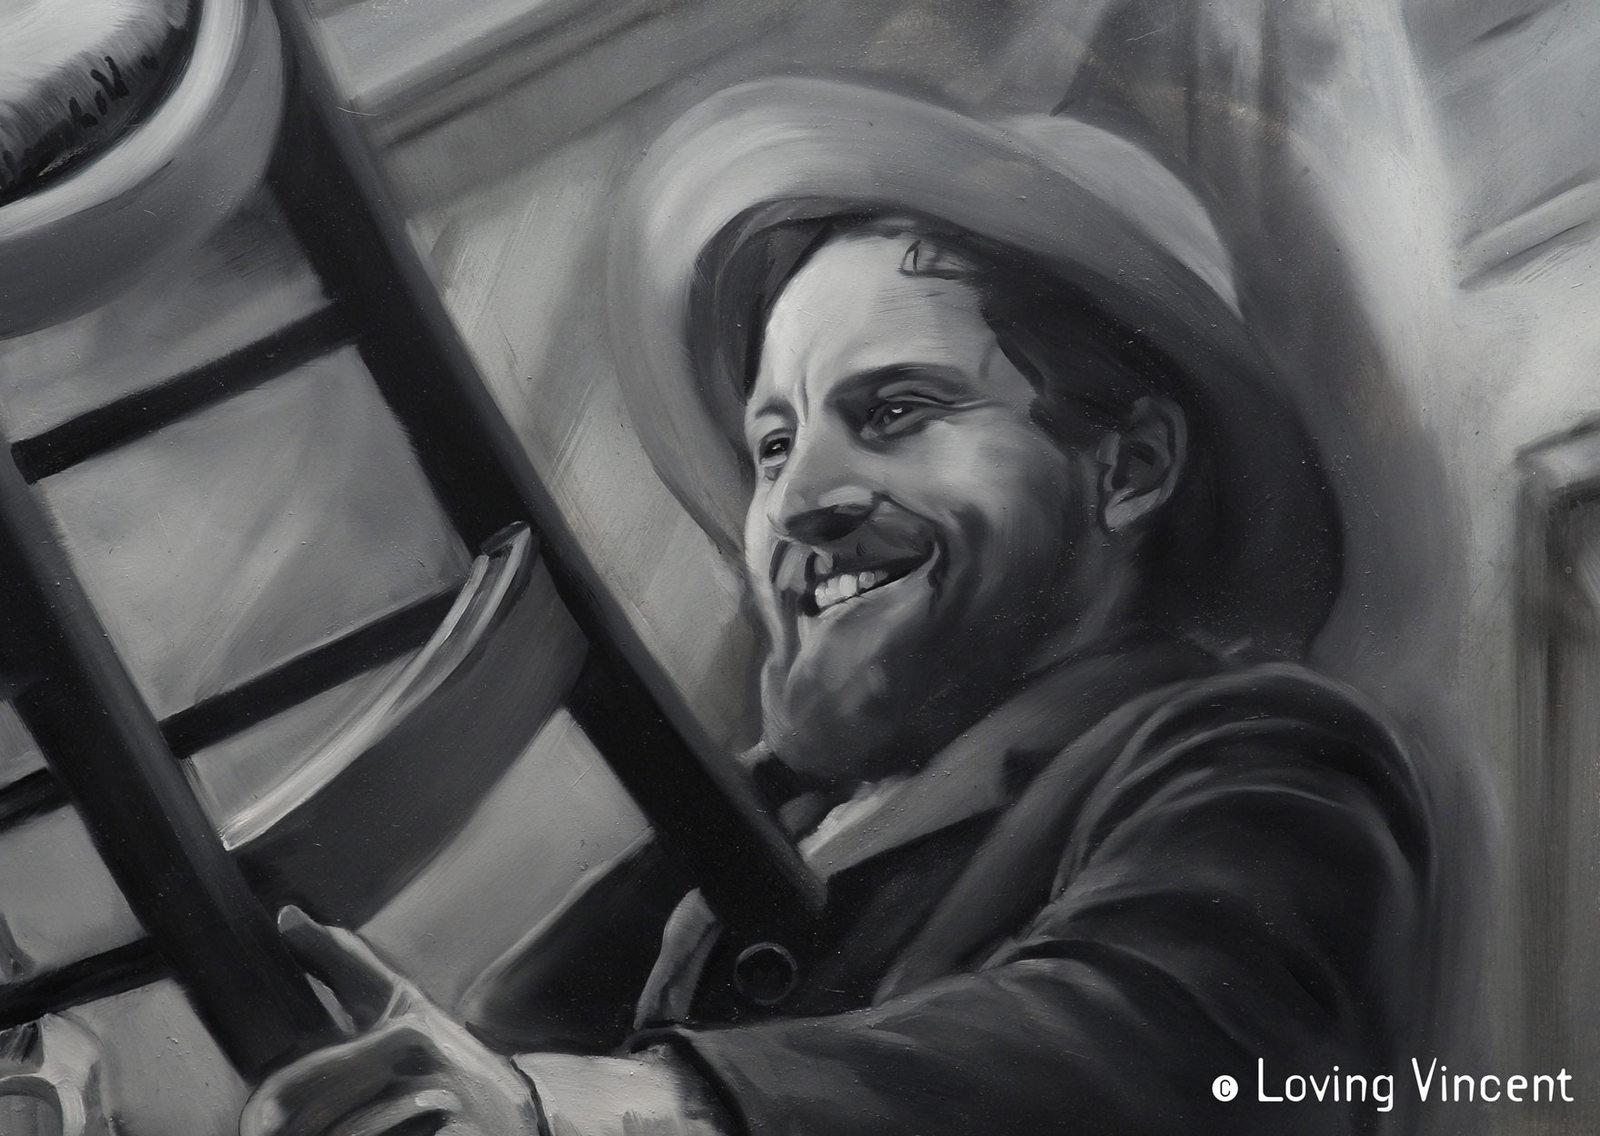 Loving Vincent (1).jpg